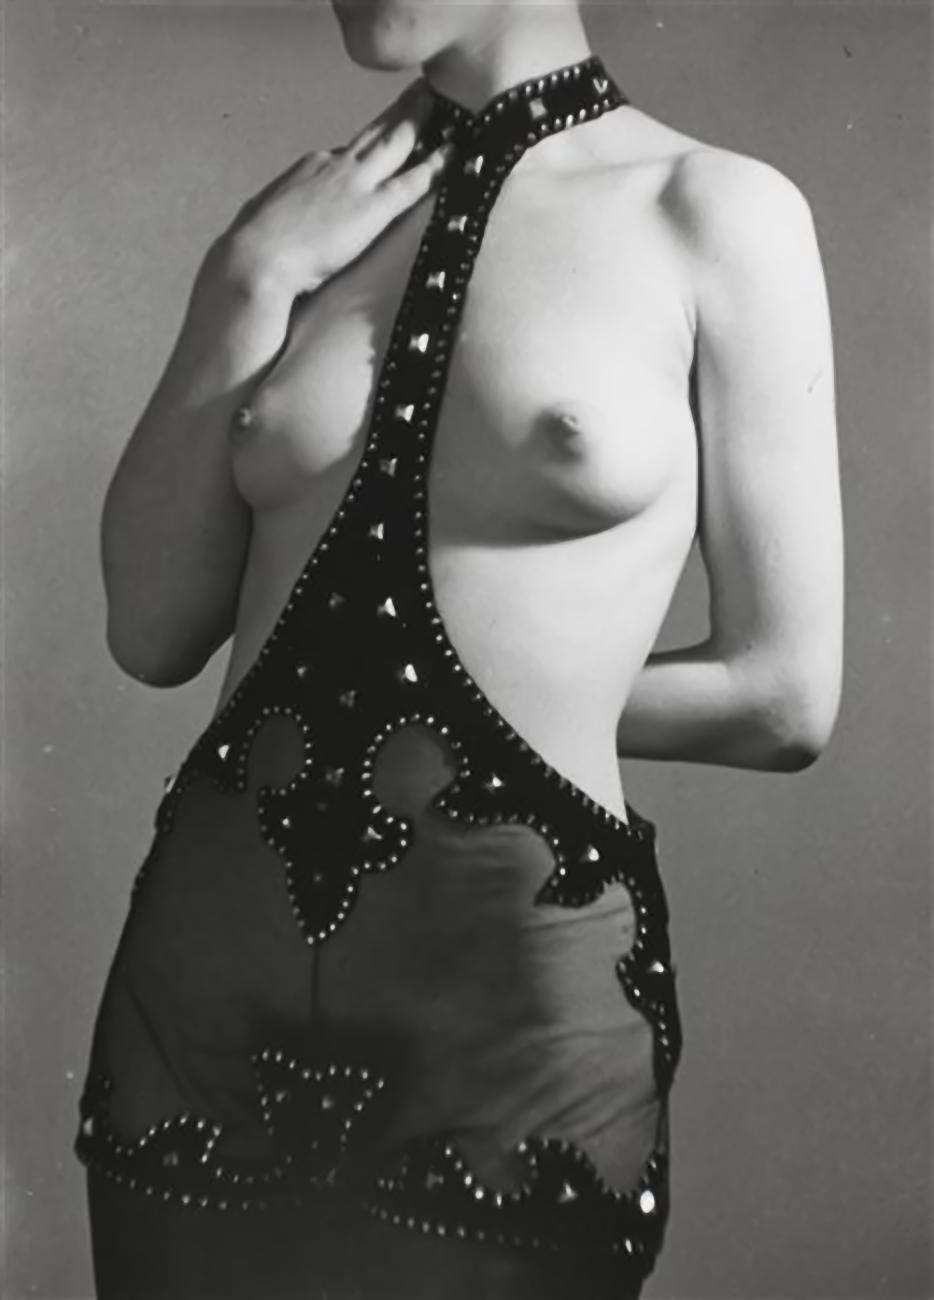 Roger Schall - Etude publicitaire pour de la lingerie Diana Slip& co, 1933 -